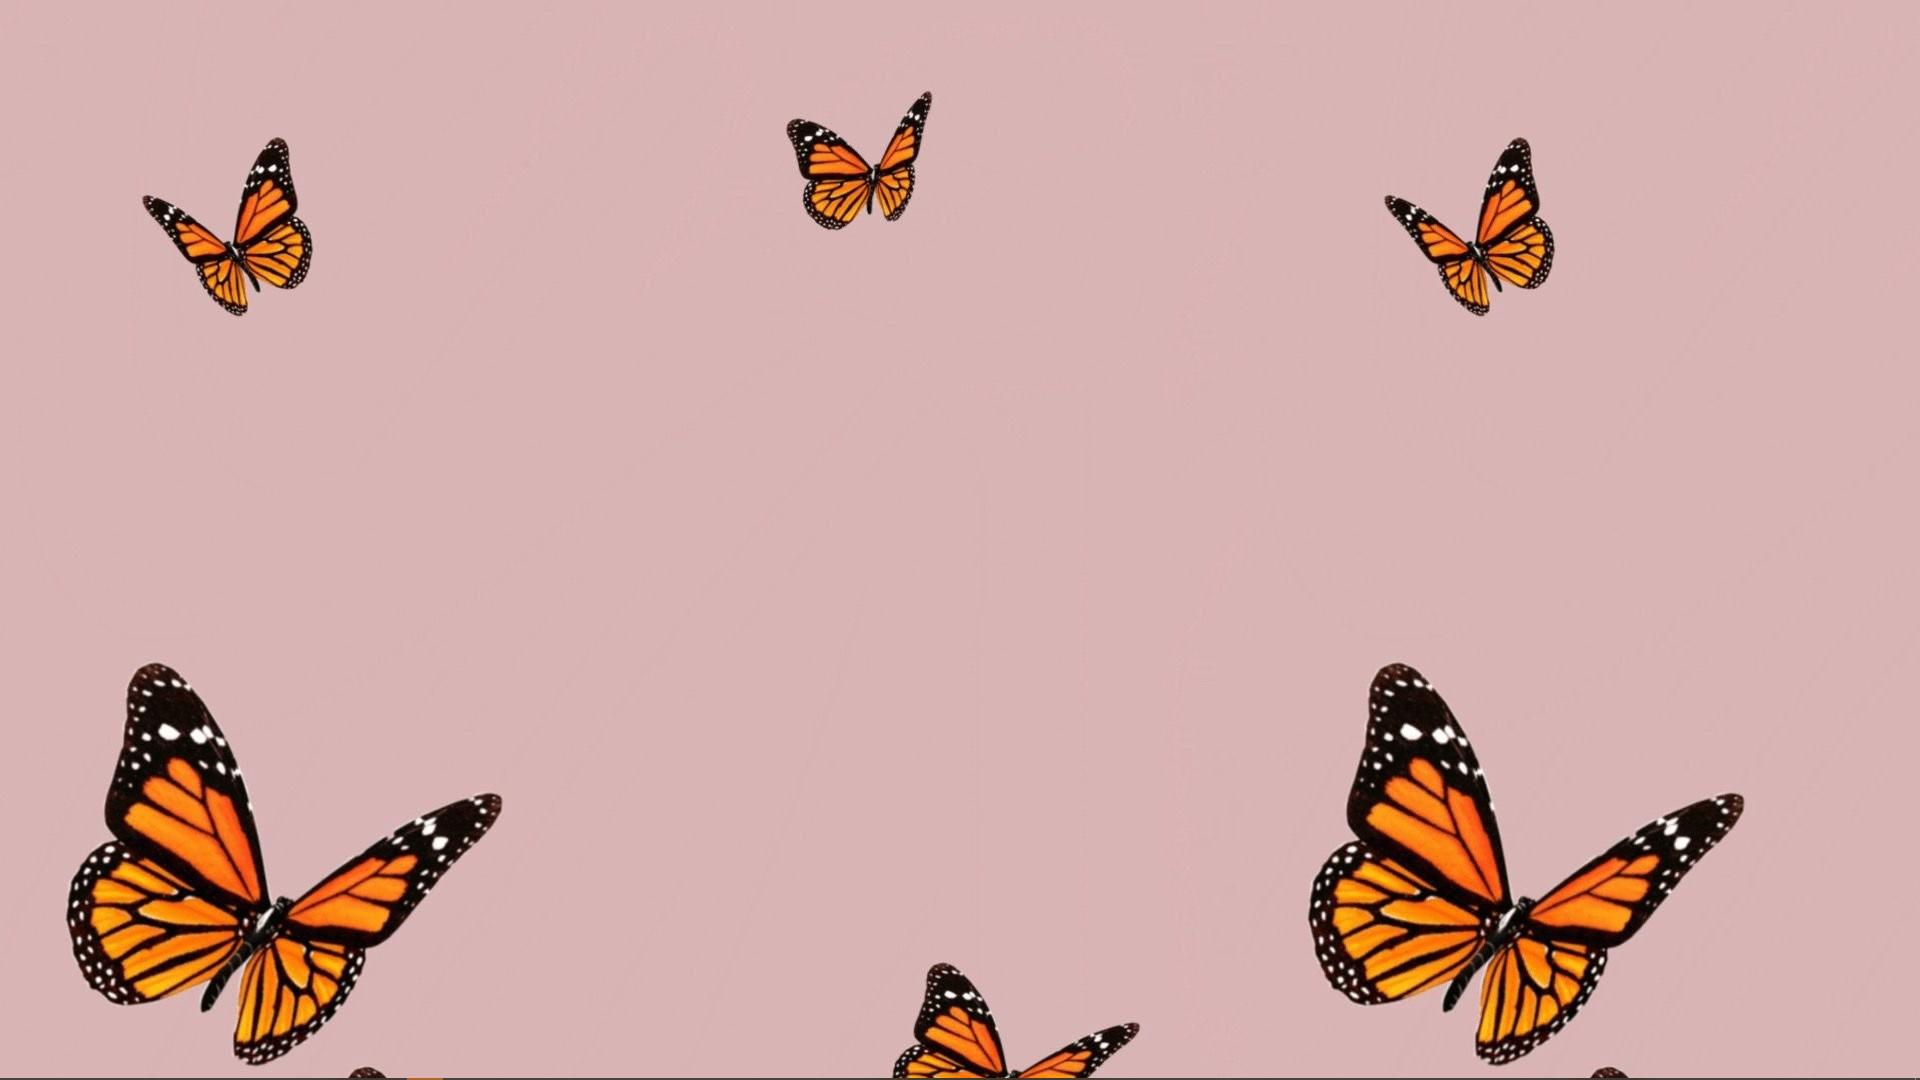 1920x1080 nền bướm.  Hình nền máy tính dễ thương, Hình nền máy tính hình nền máy tính, Hình nền laptop dễ thương